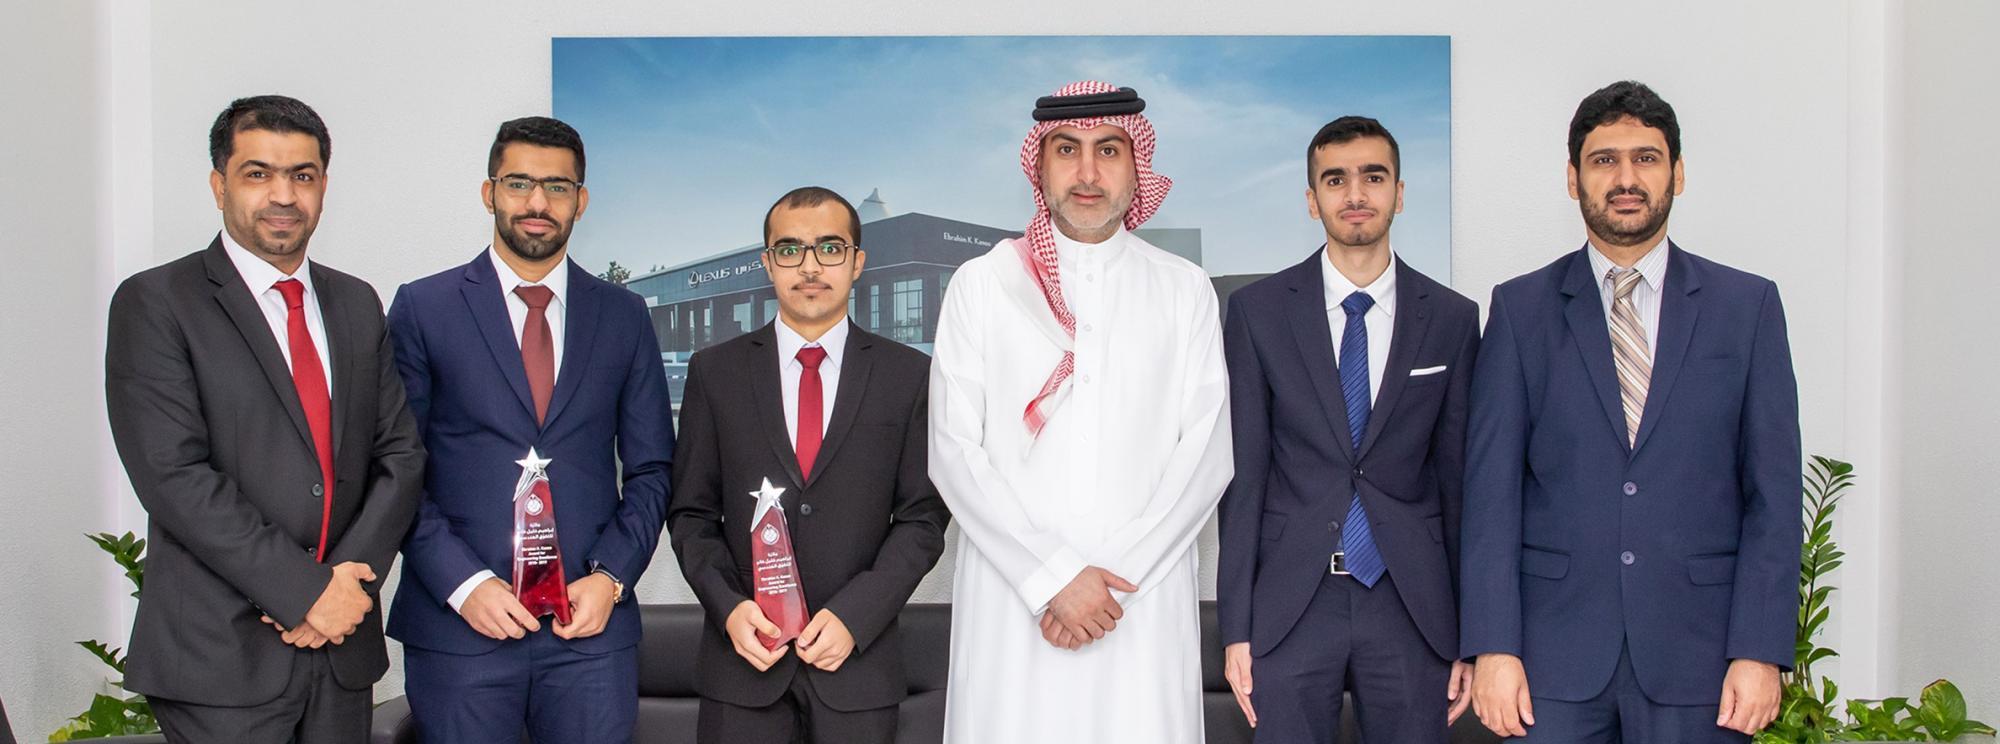 إبراهيم خليل كانو  تشيد بالطلبة الفائزين بجائزة إبراهيم خليل كانو  للتفوق الهندسي